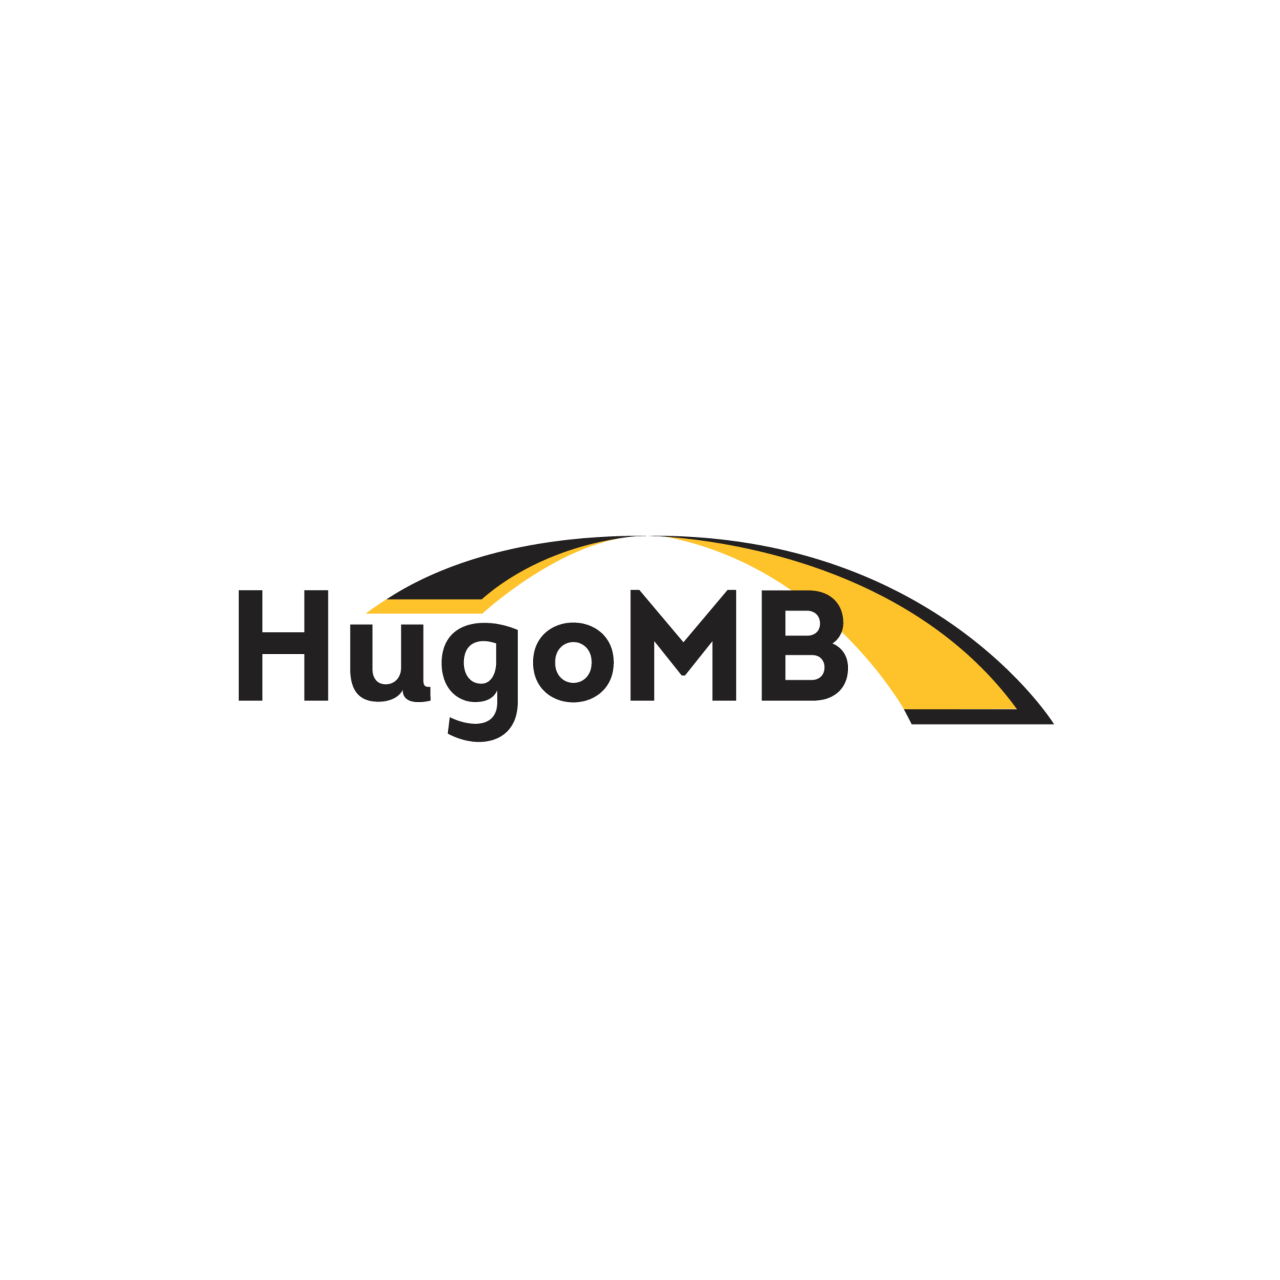 Hugo MB contractor